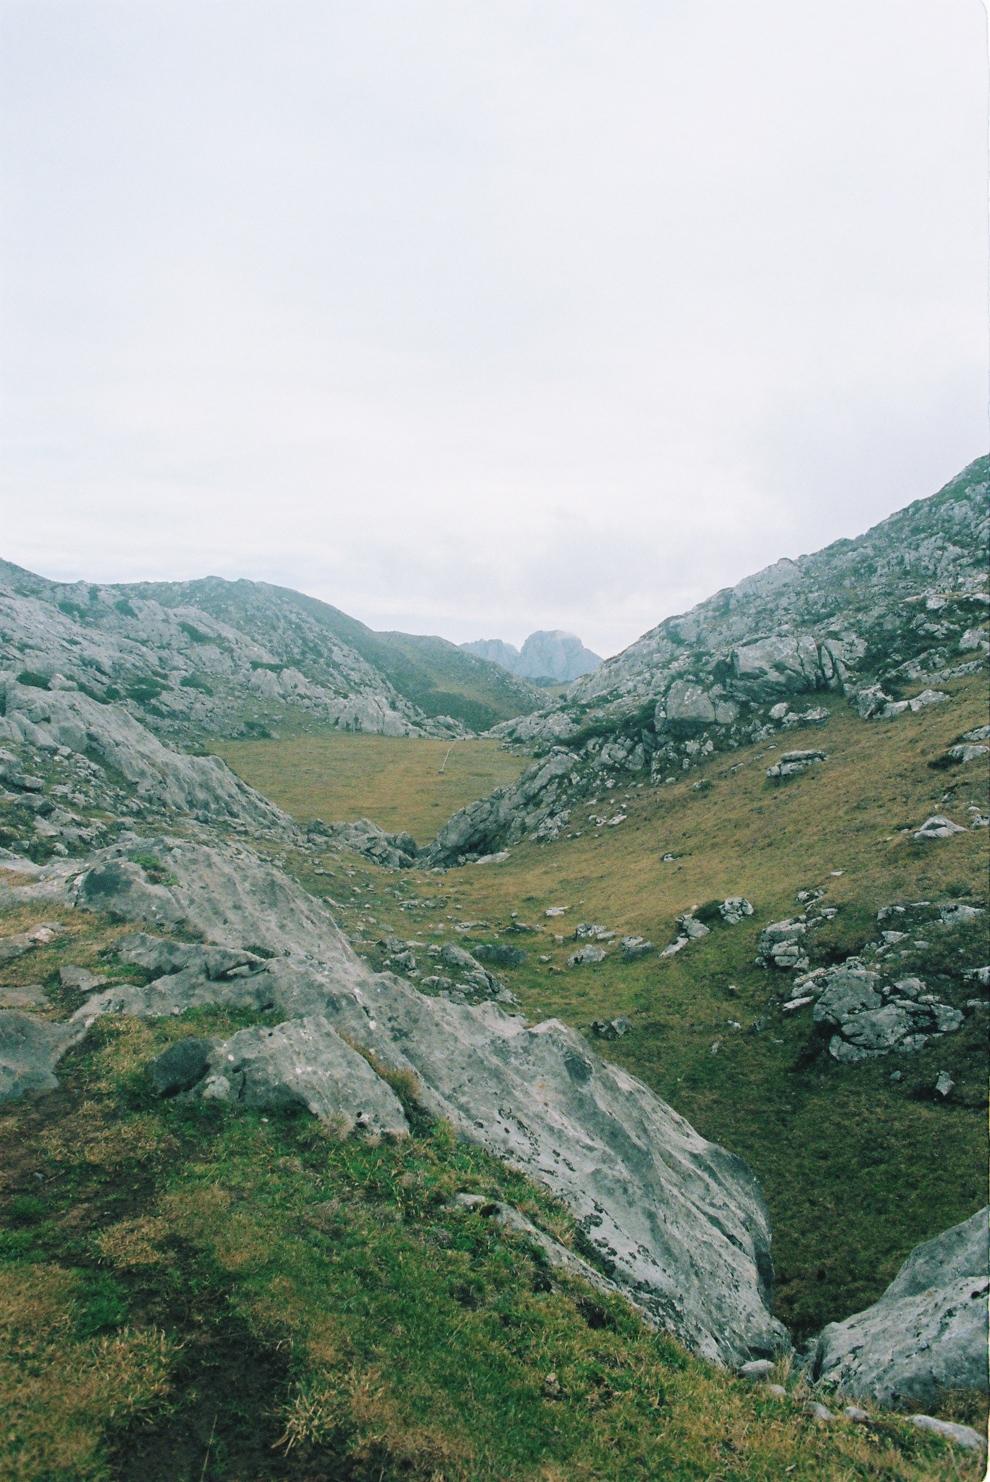 Las_Ubinas_Asturias_MonicaRGoya_copyrighted_22.jpg